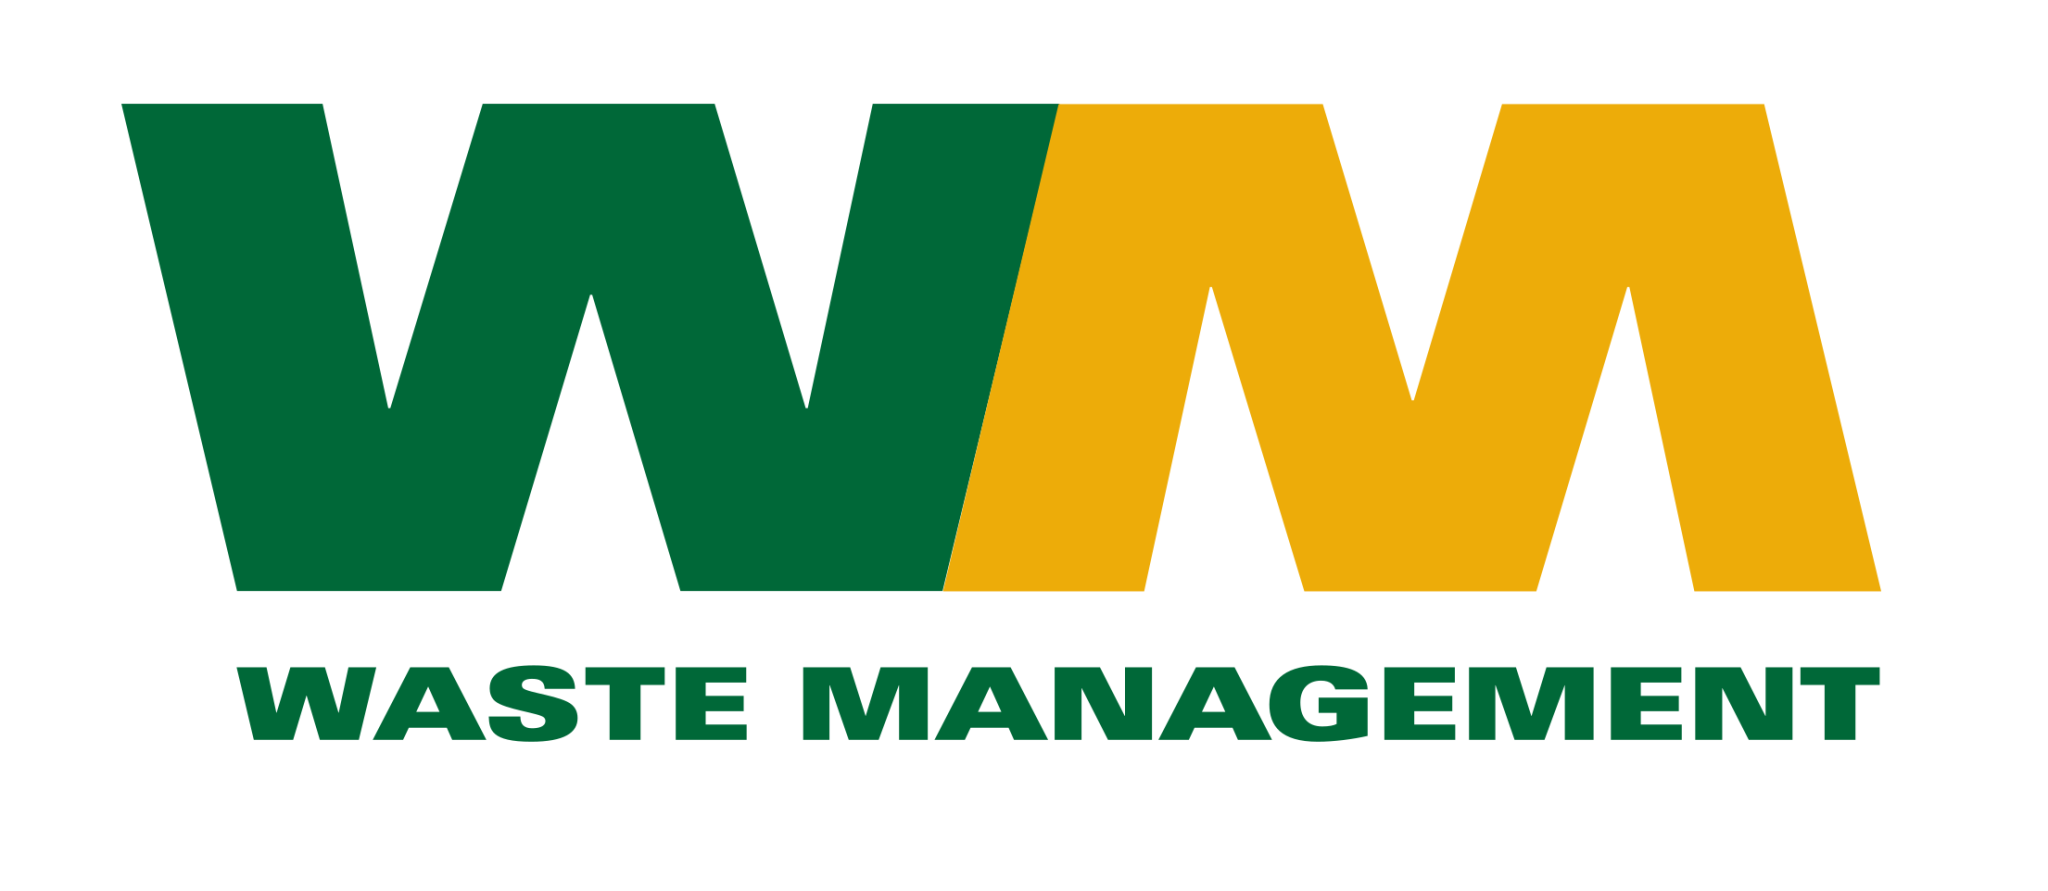 Logo amerykańskiej firmy Waste Management widoczne na koszach